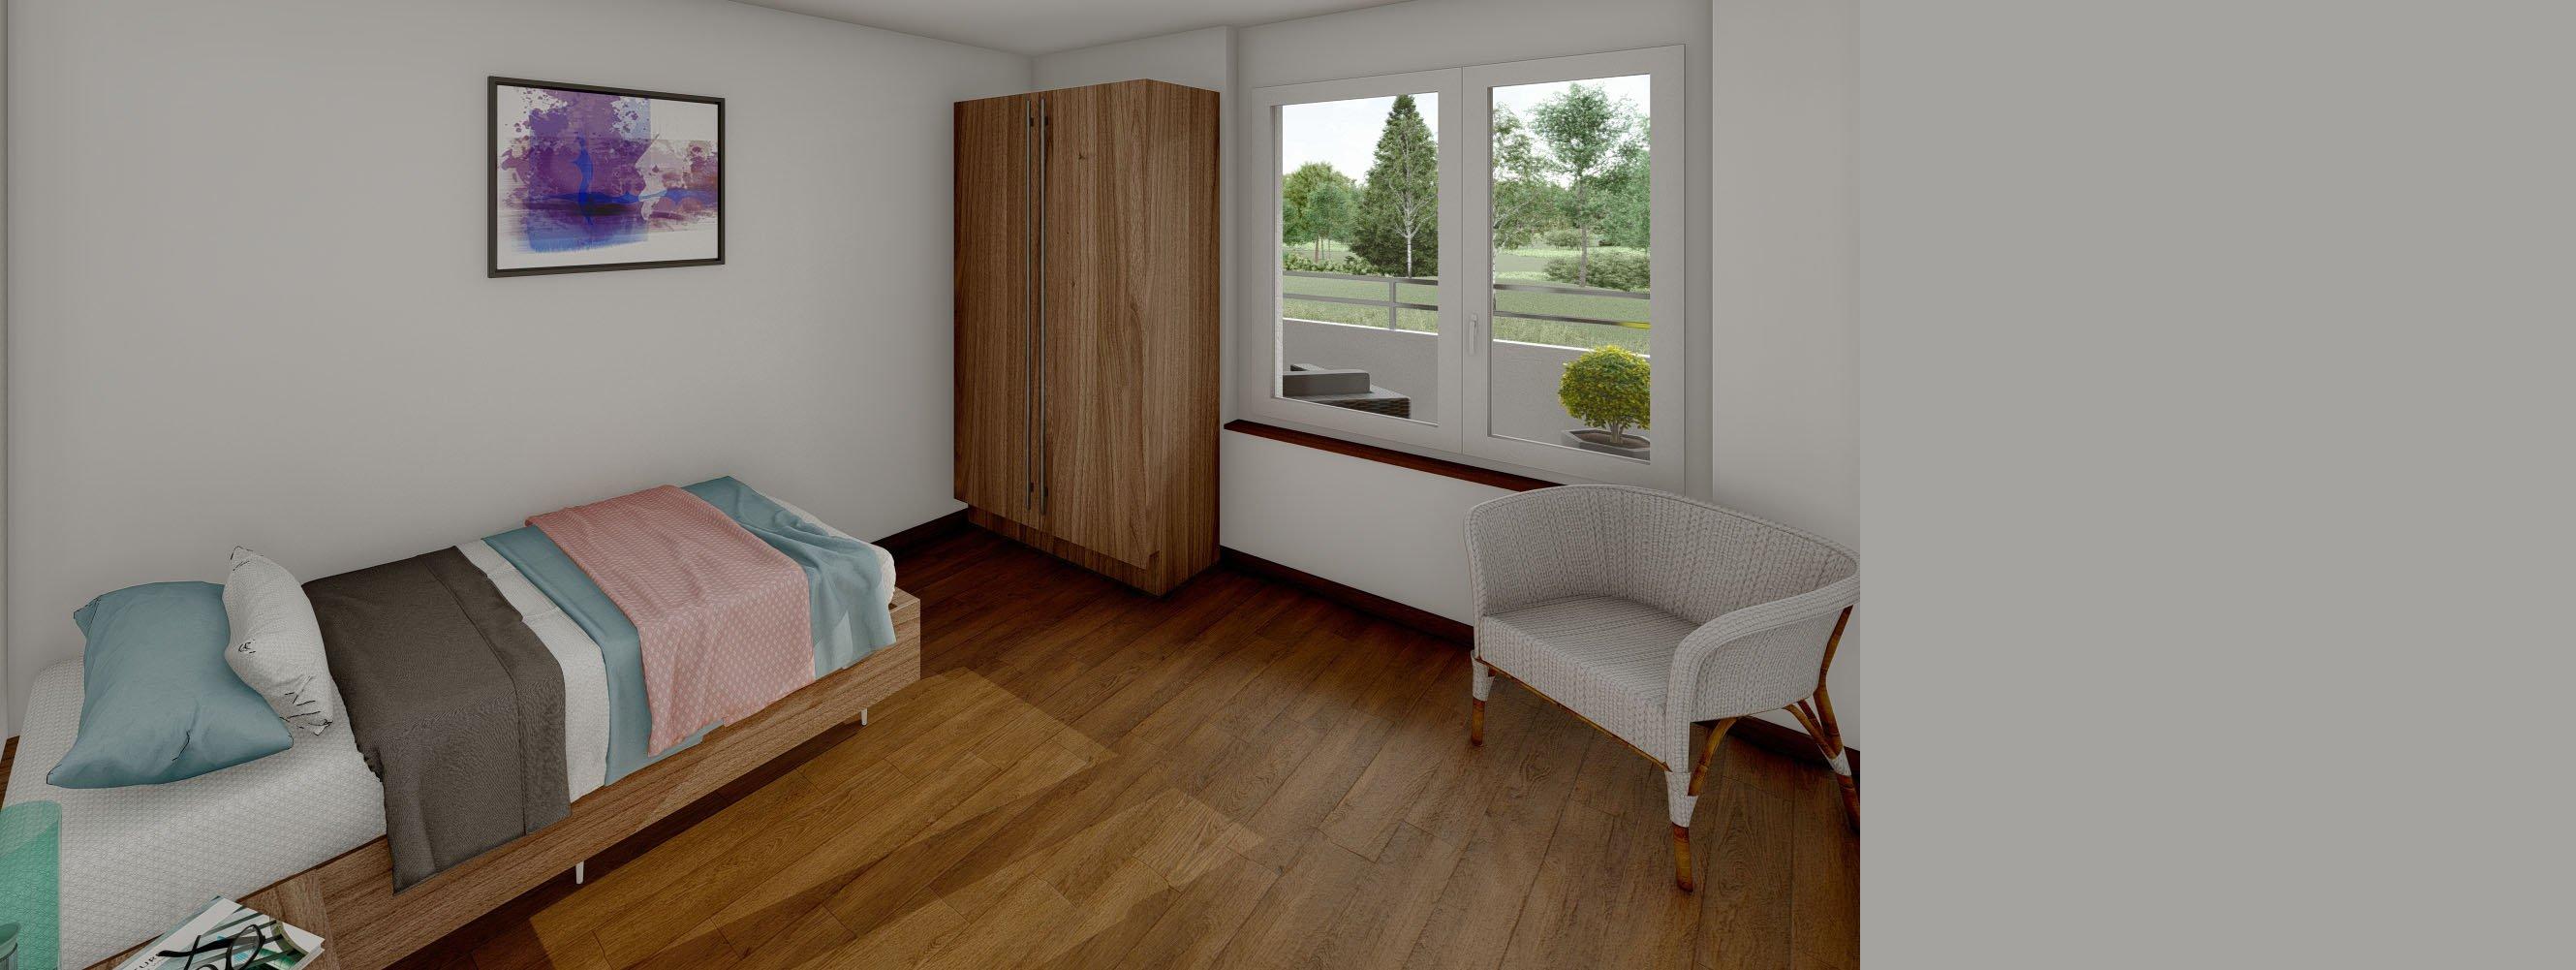 Les-Marguerites2_interieur_chambre2